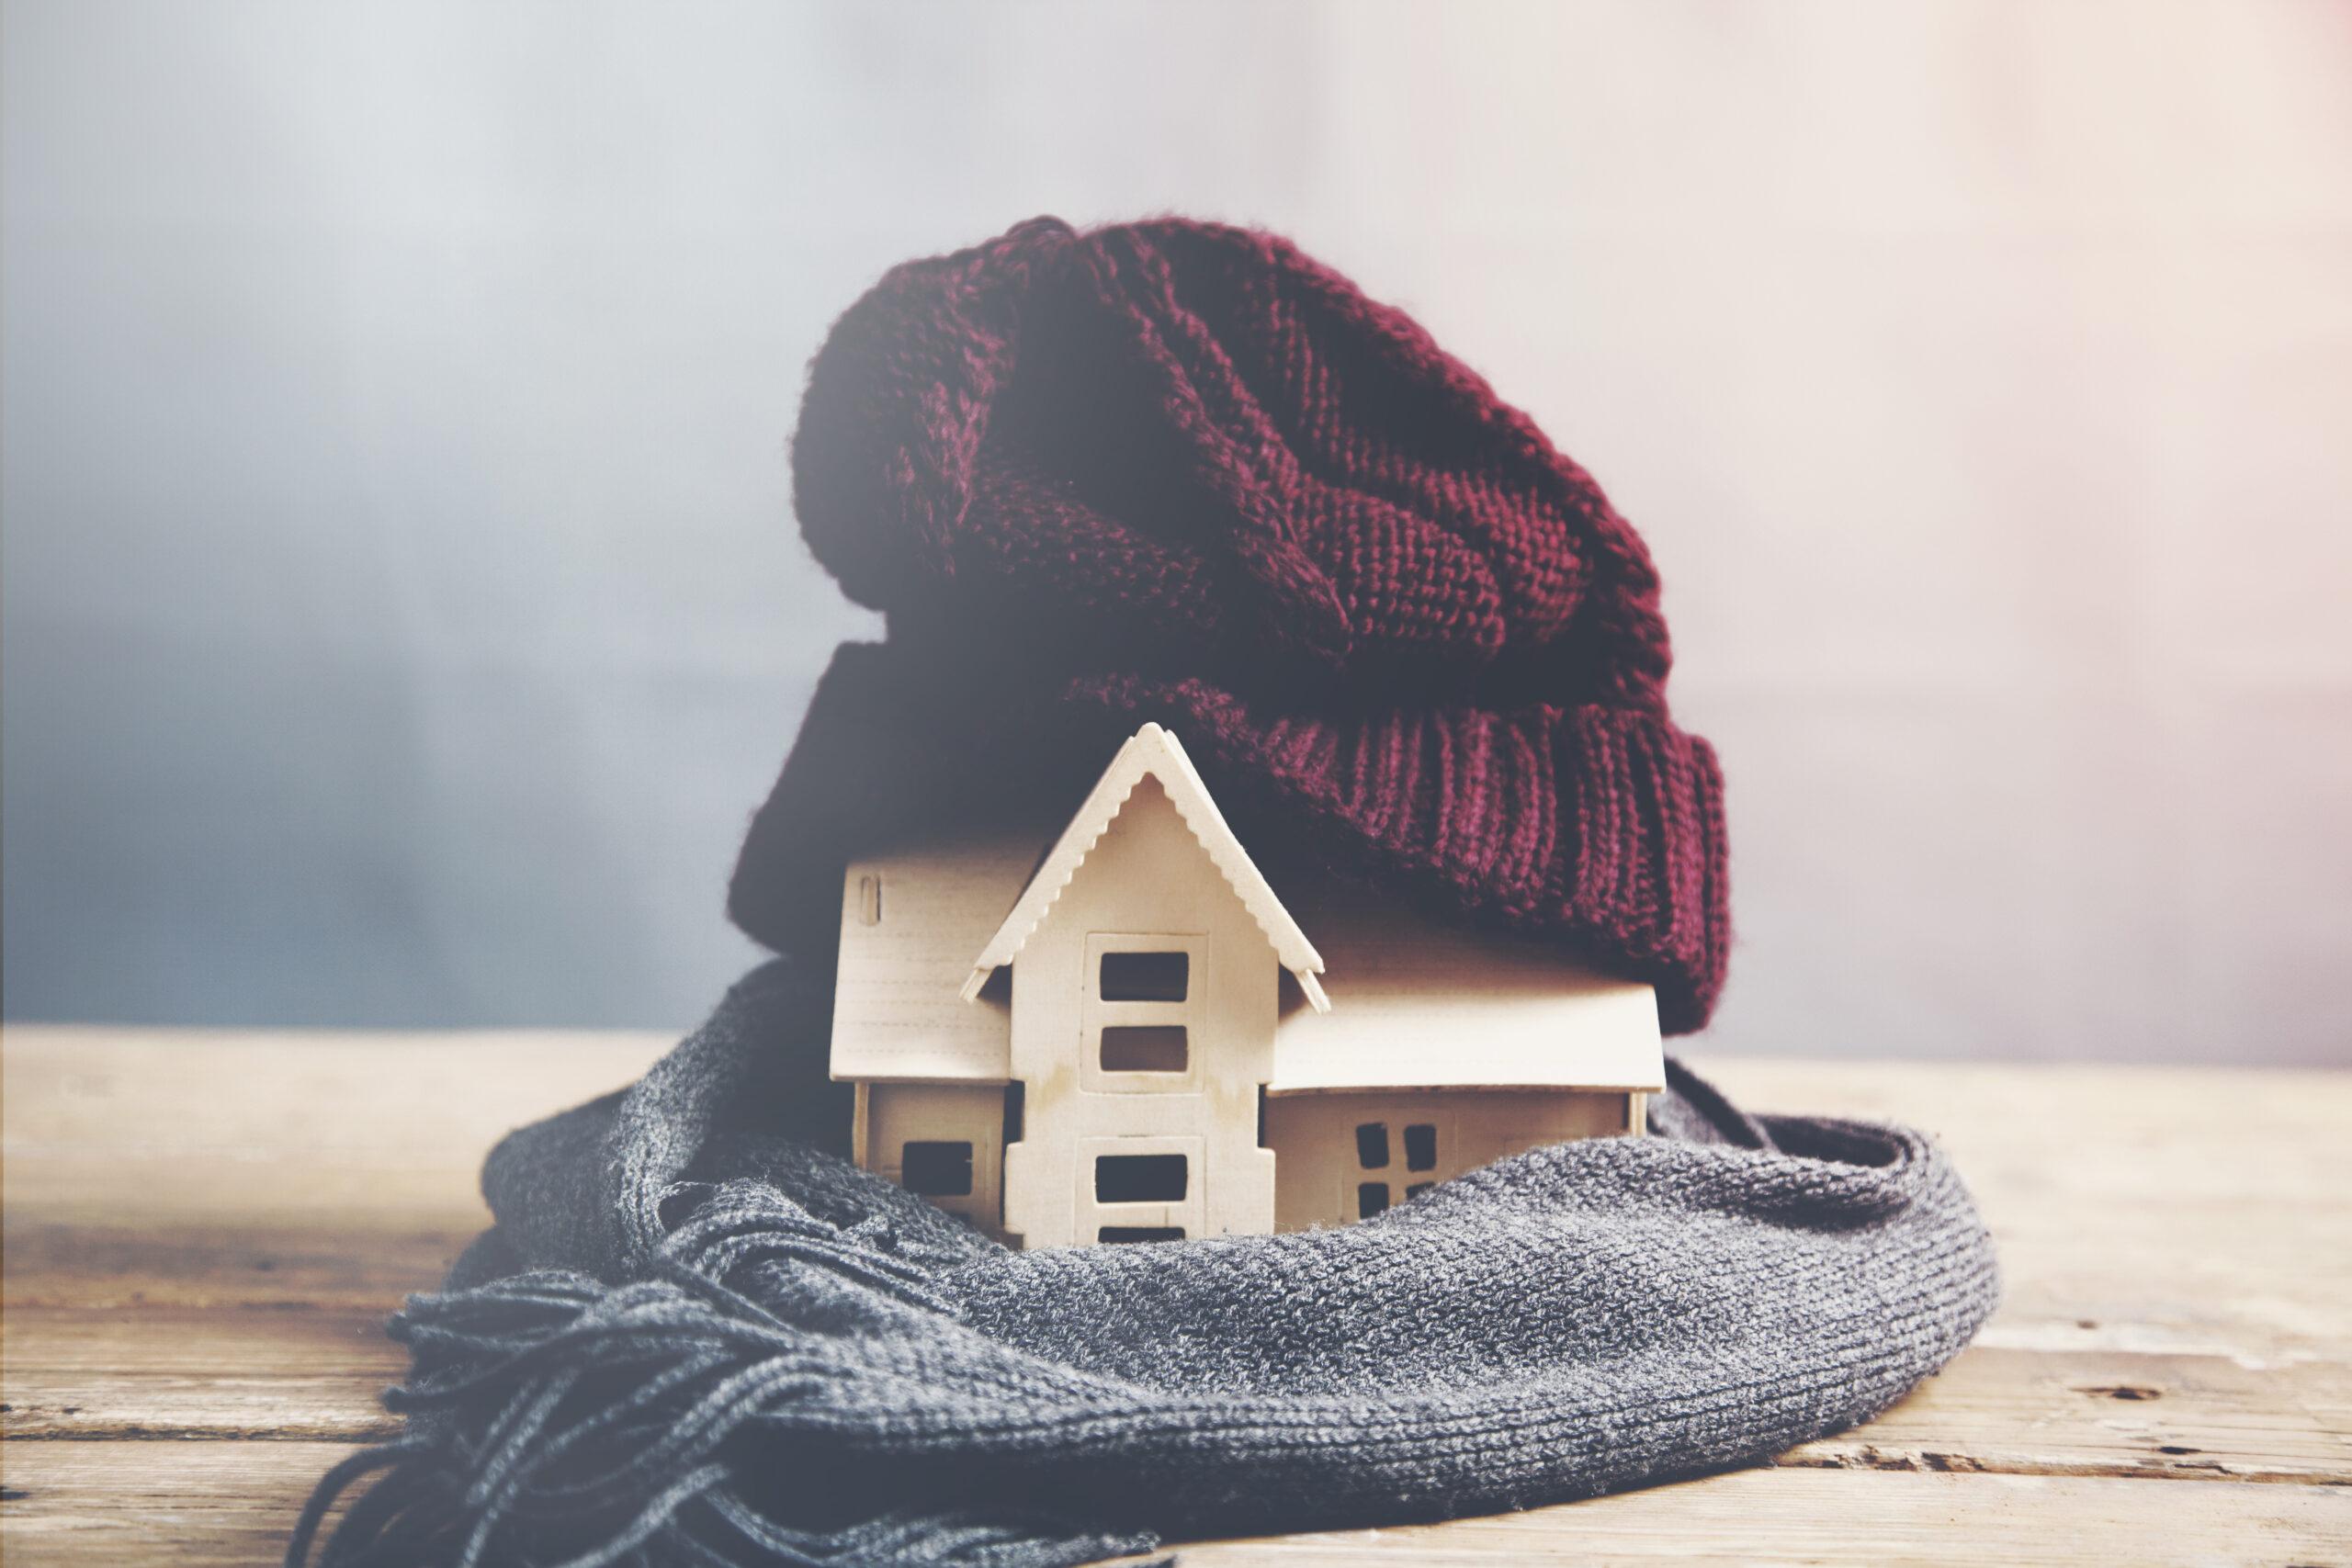 Préparer votre logement pour cet hiver